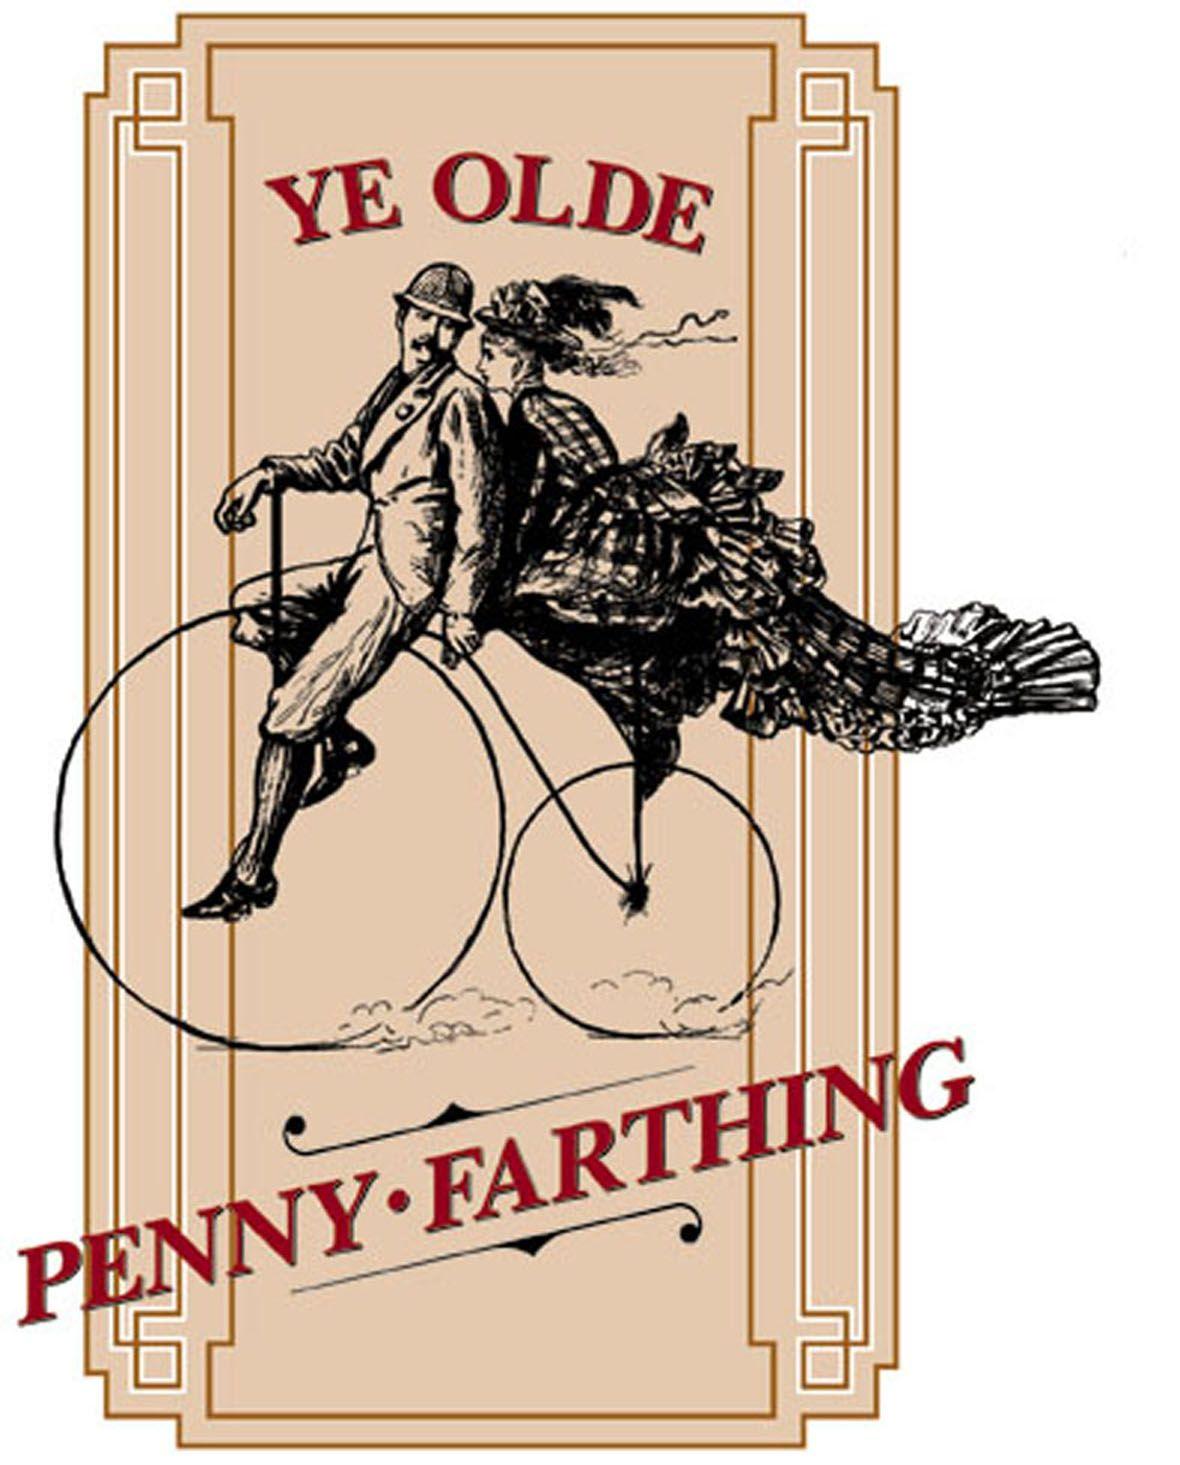 Ye Olde Penny Farthing